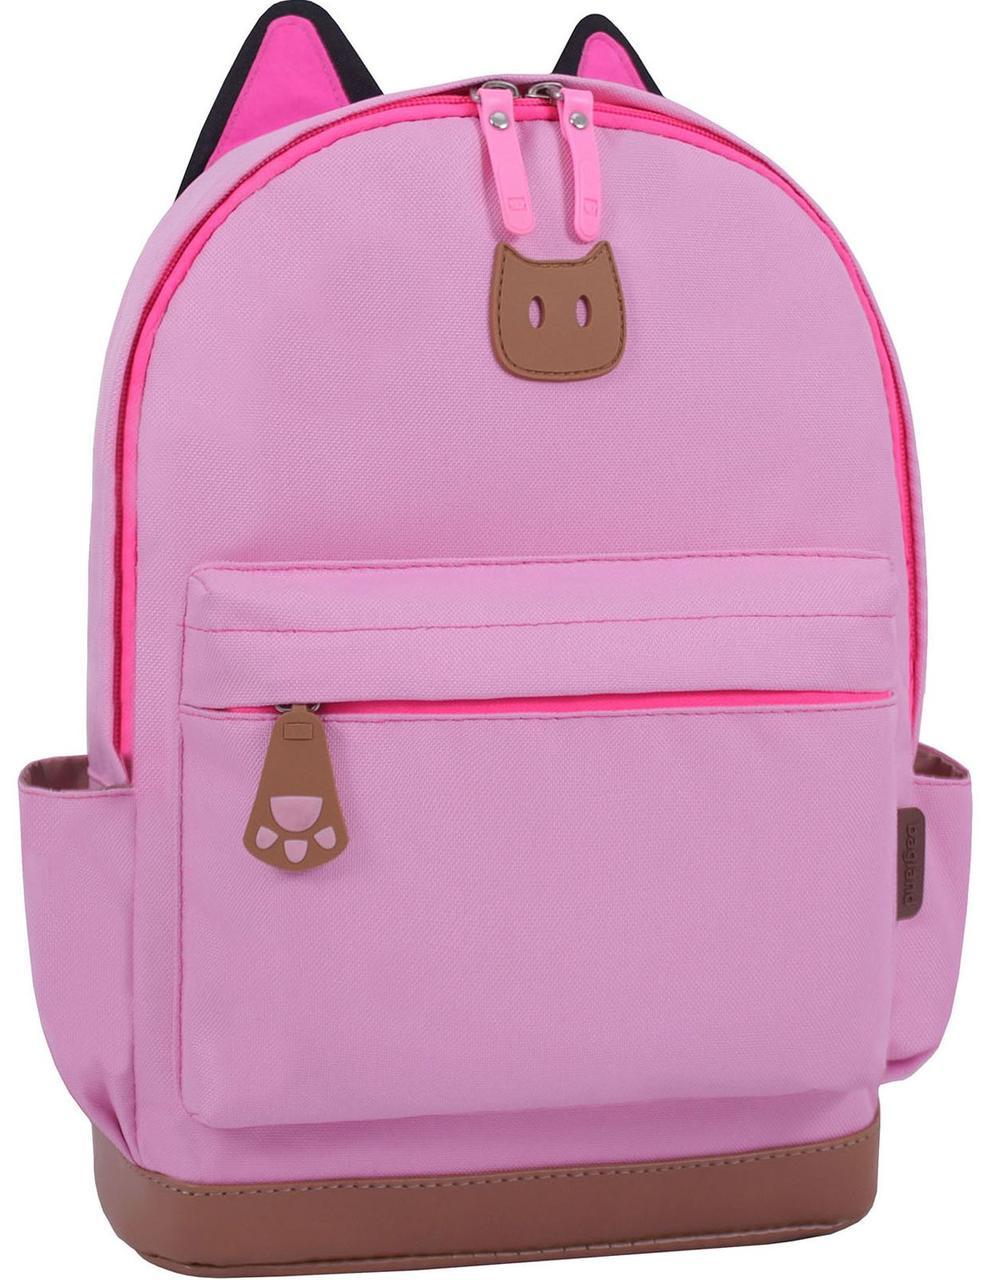 Рюкзачок полиэстеровый детский Bagland Ears розовый 0054566 10 л